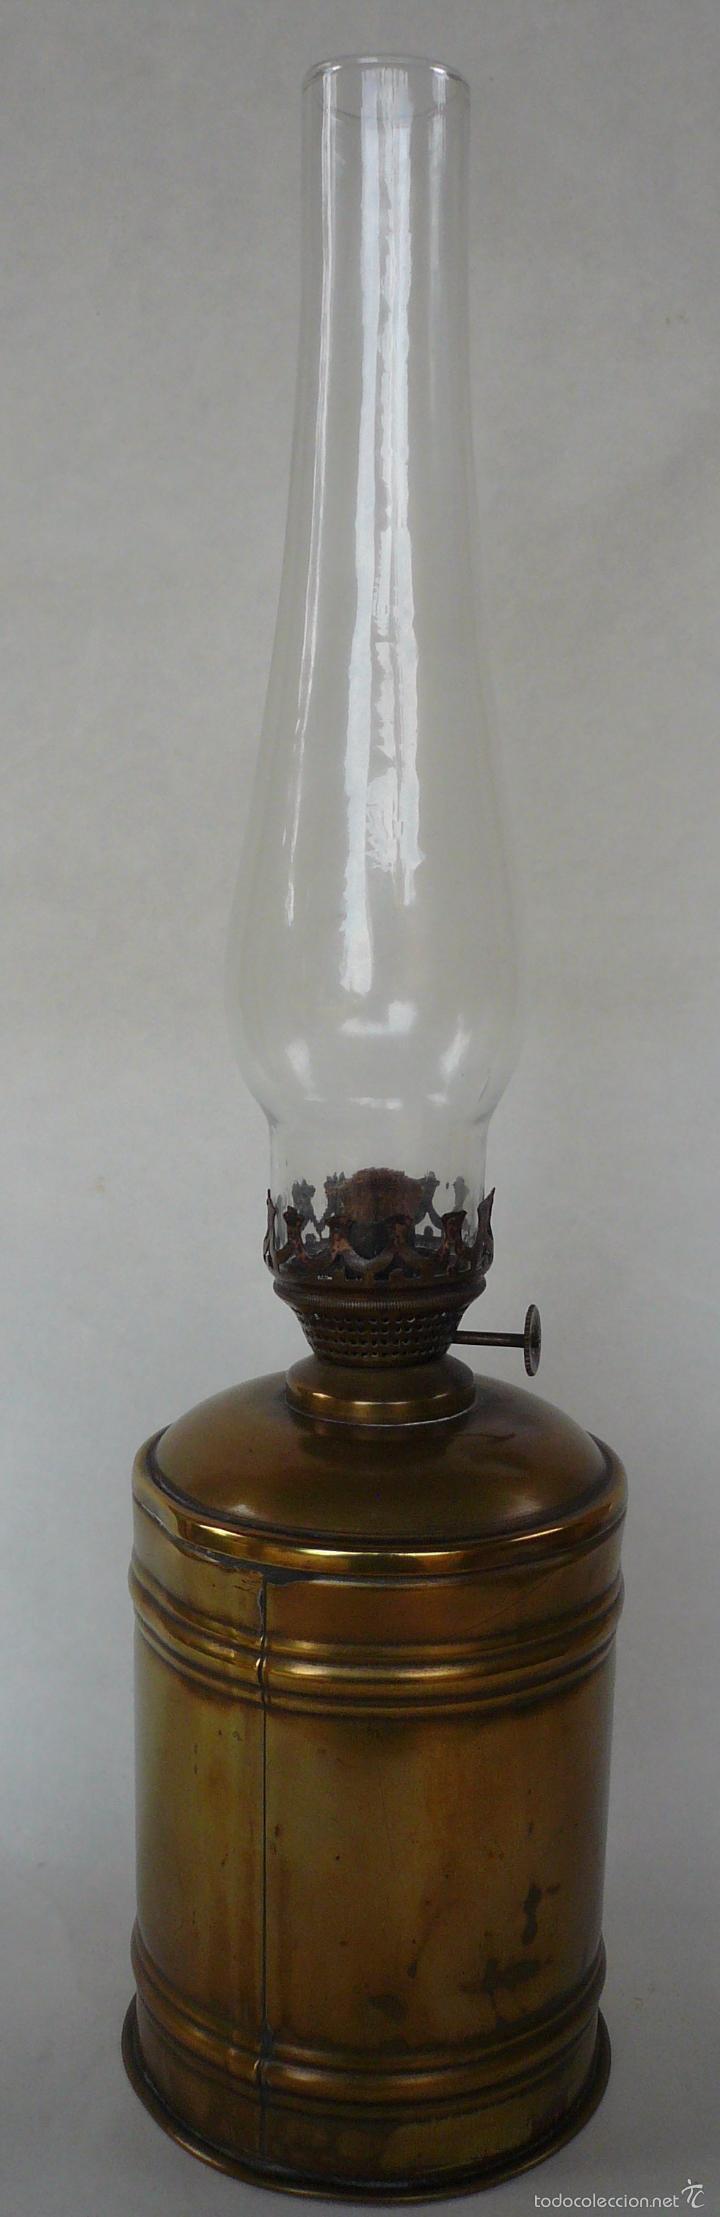 ANTIGUO QUINQUE DE METAL (Antigüedades - Iluminación - Quinqués Antiguos)